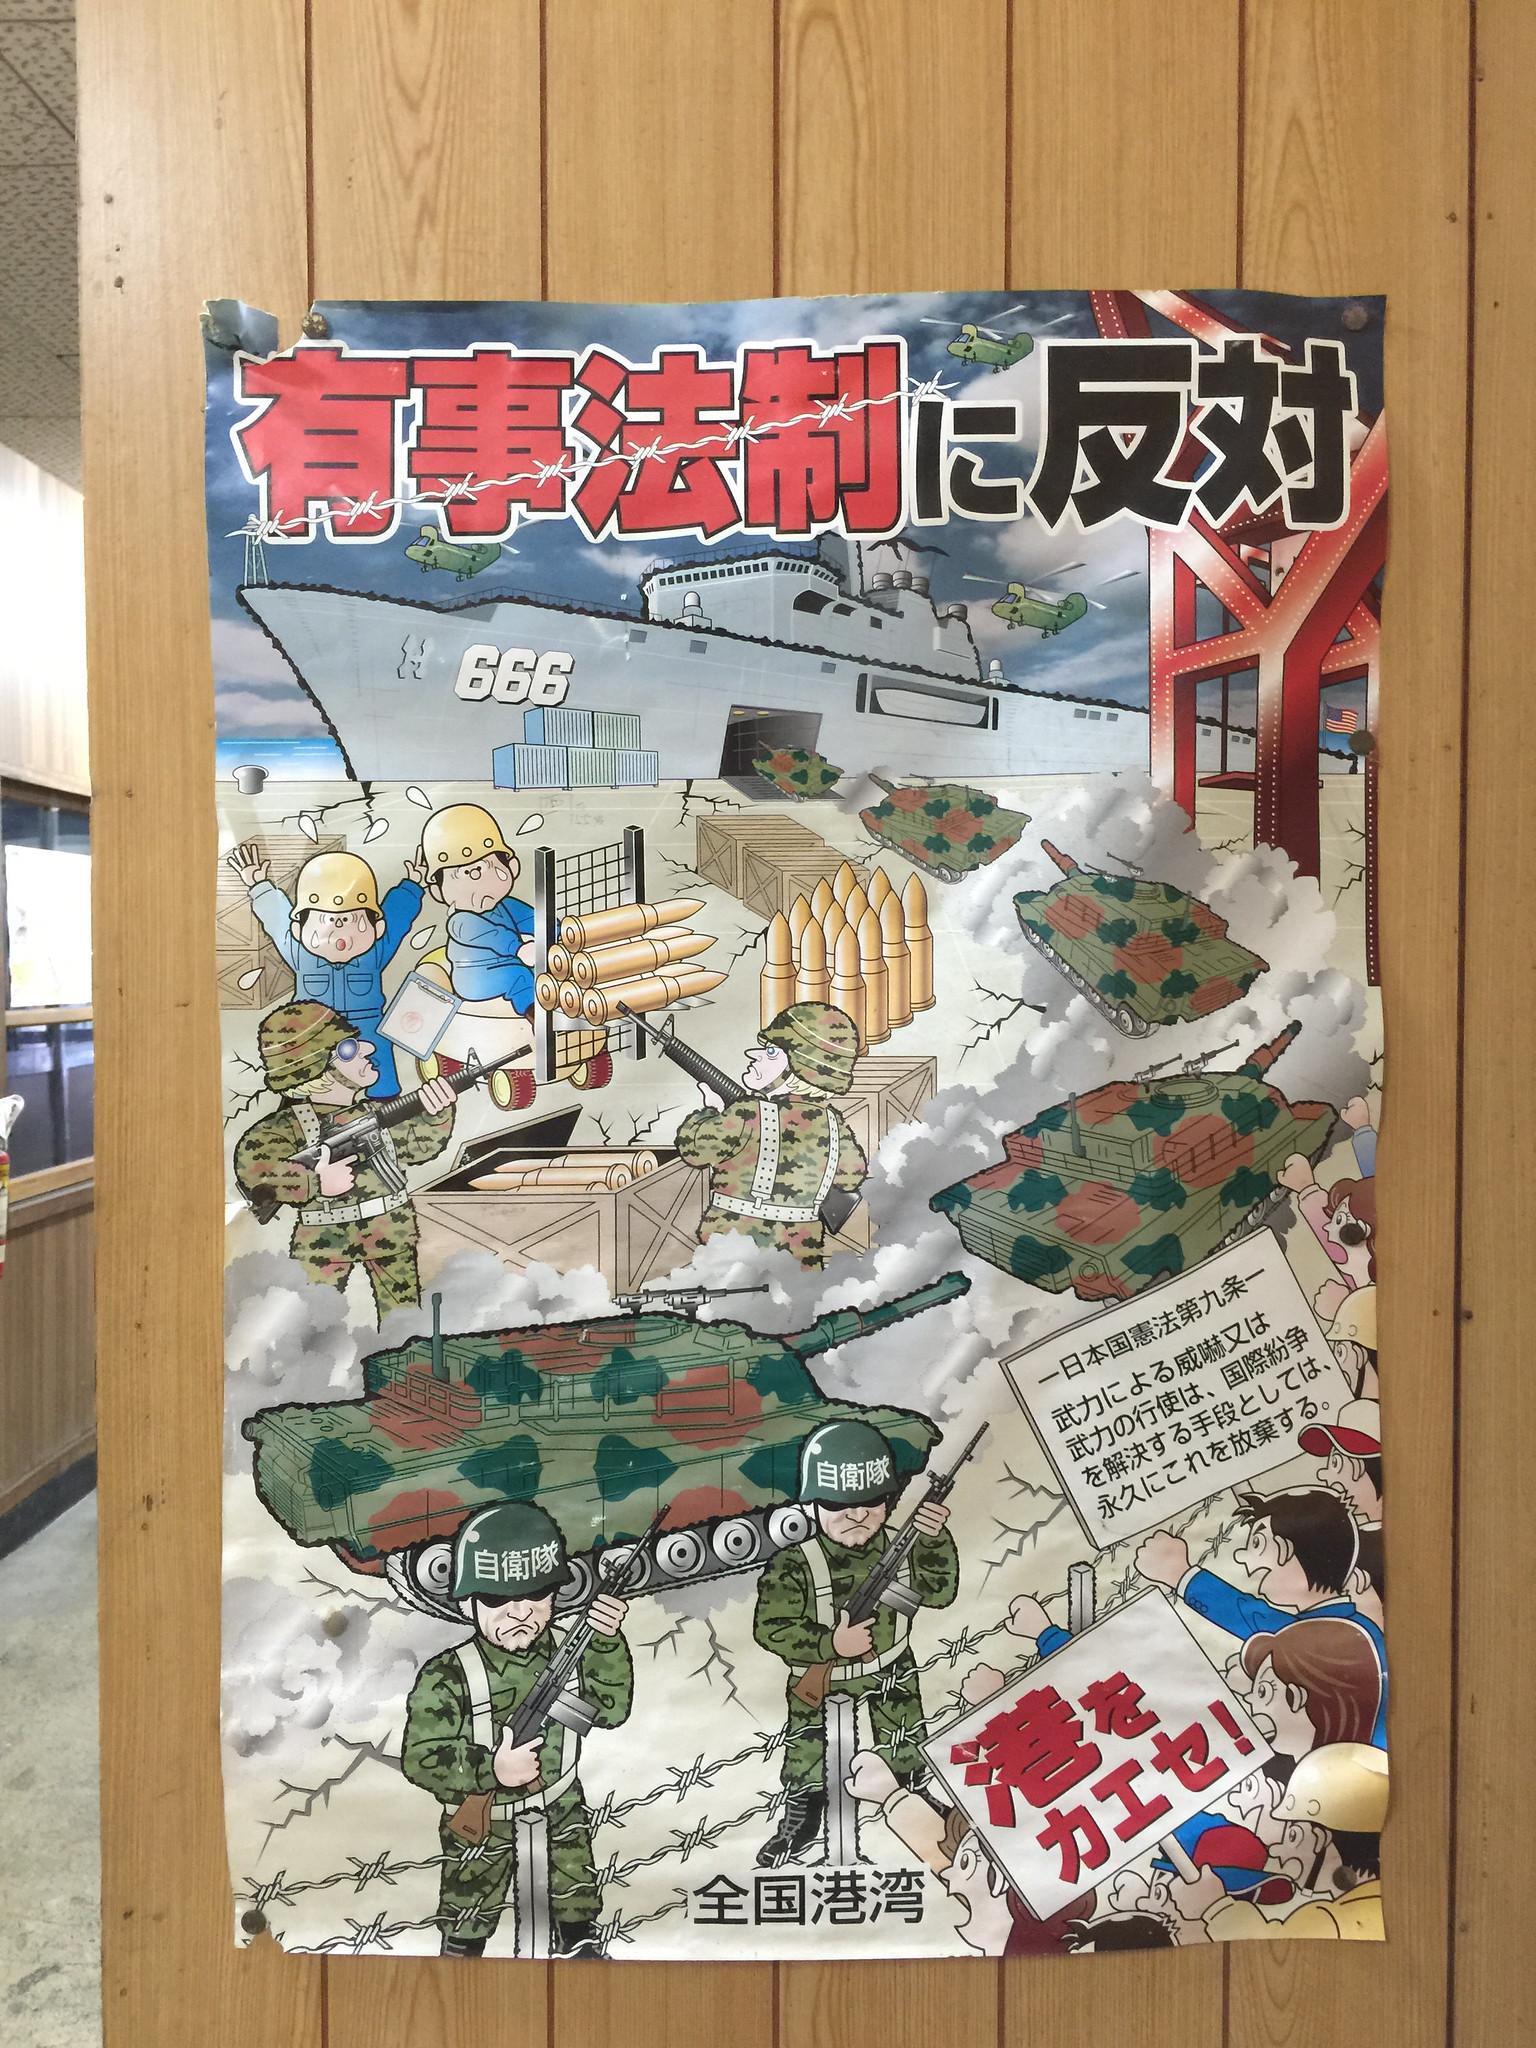 全港湾工会外的海报,反对修改日本第九条和平宪法。(摄影:王颢中)